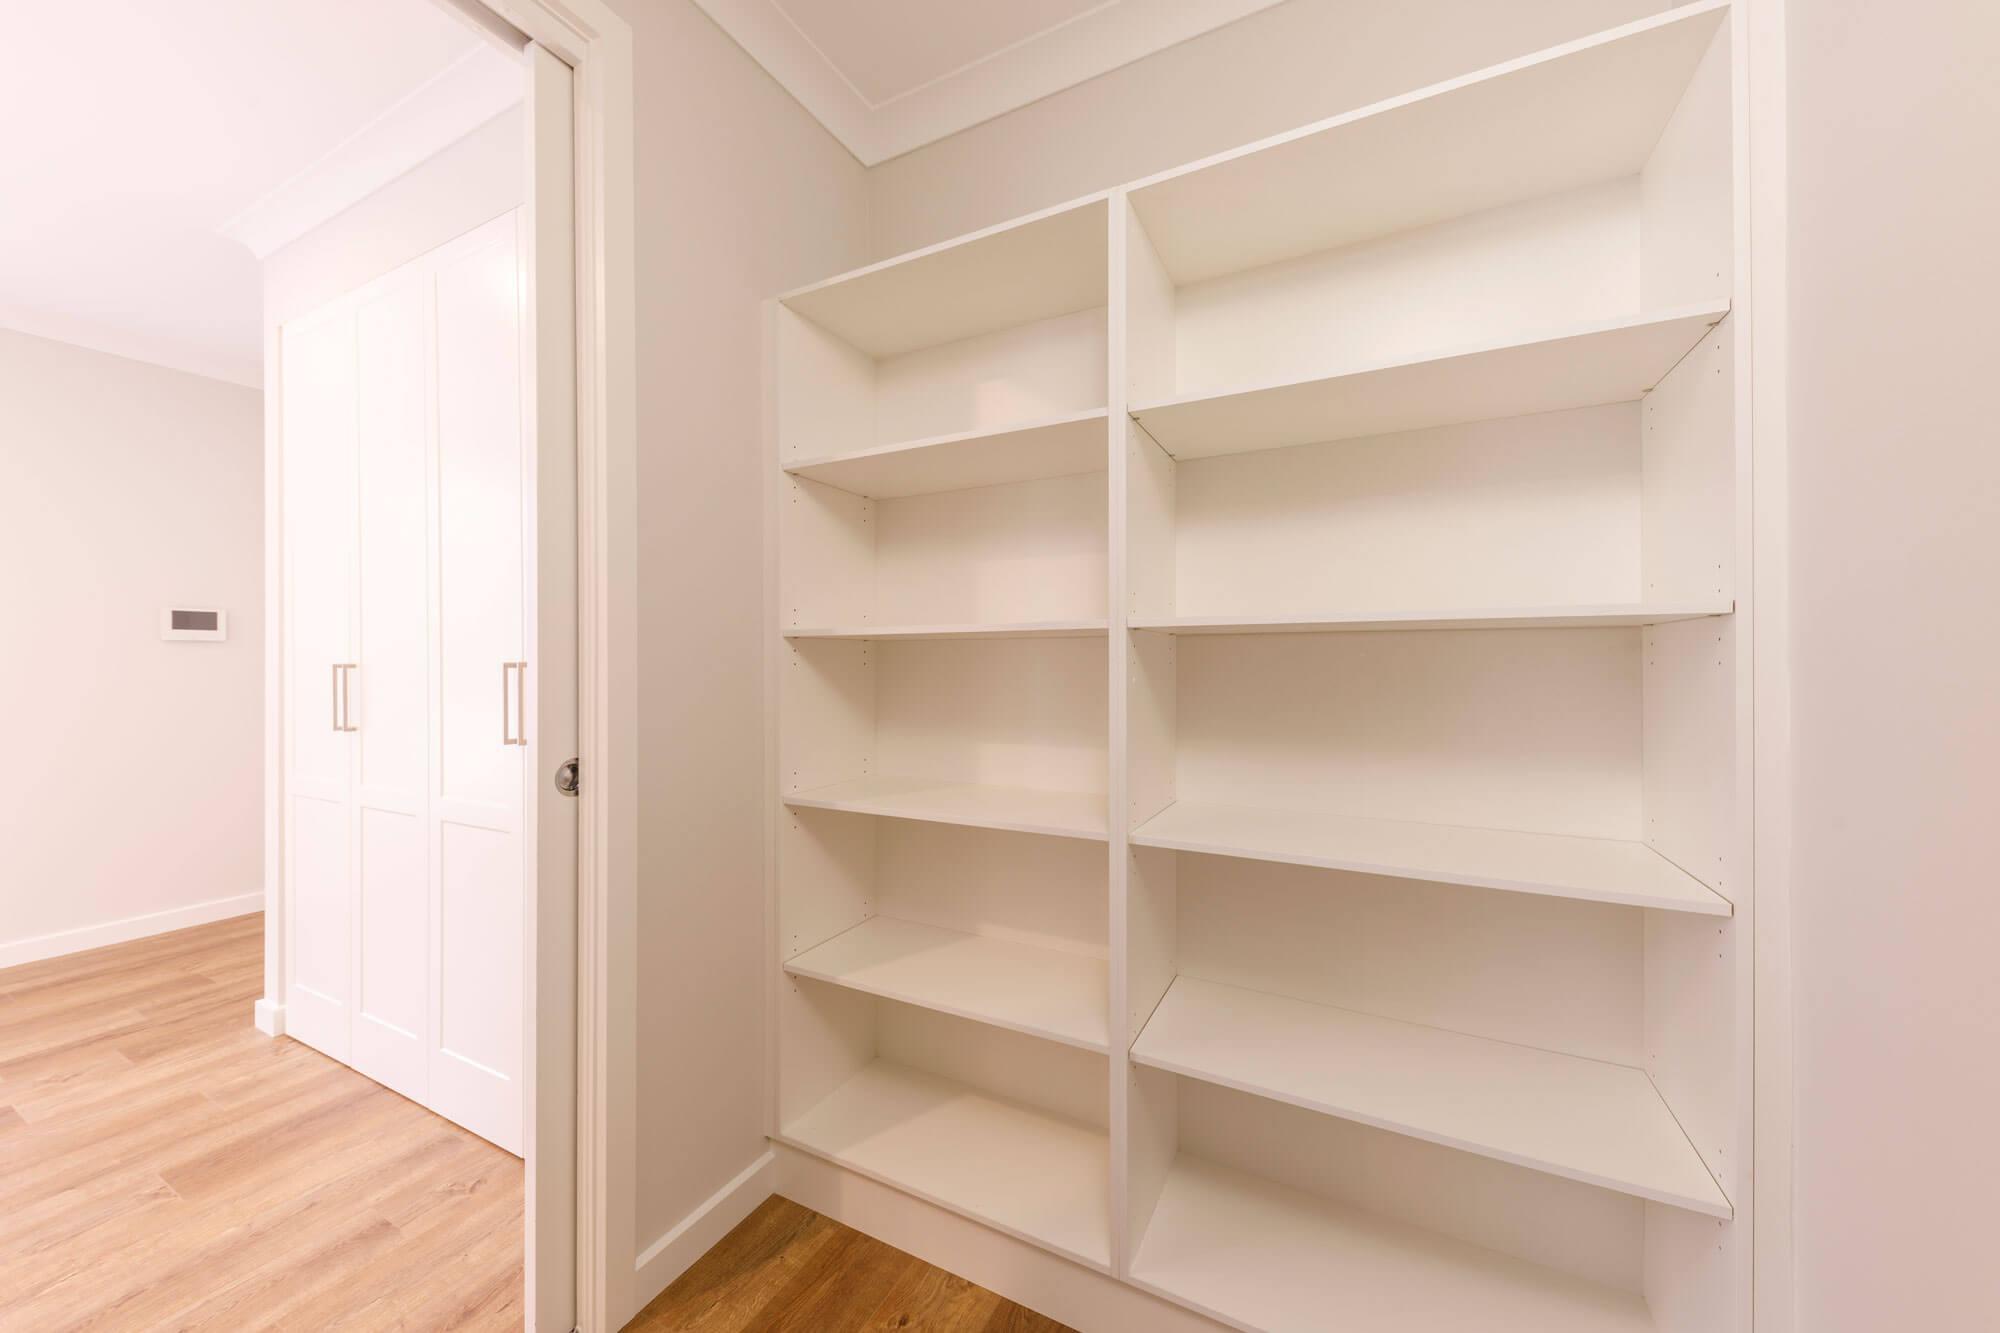 Normus Homes storage